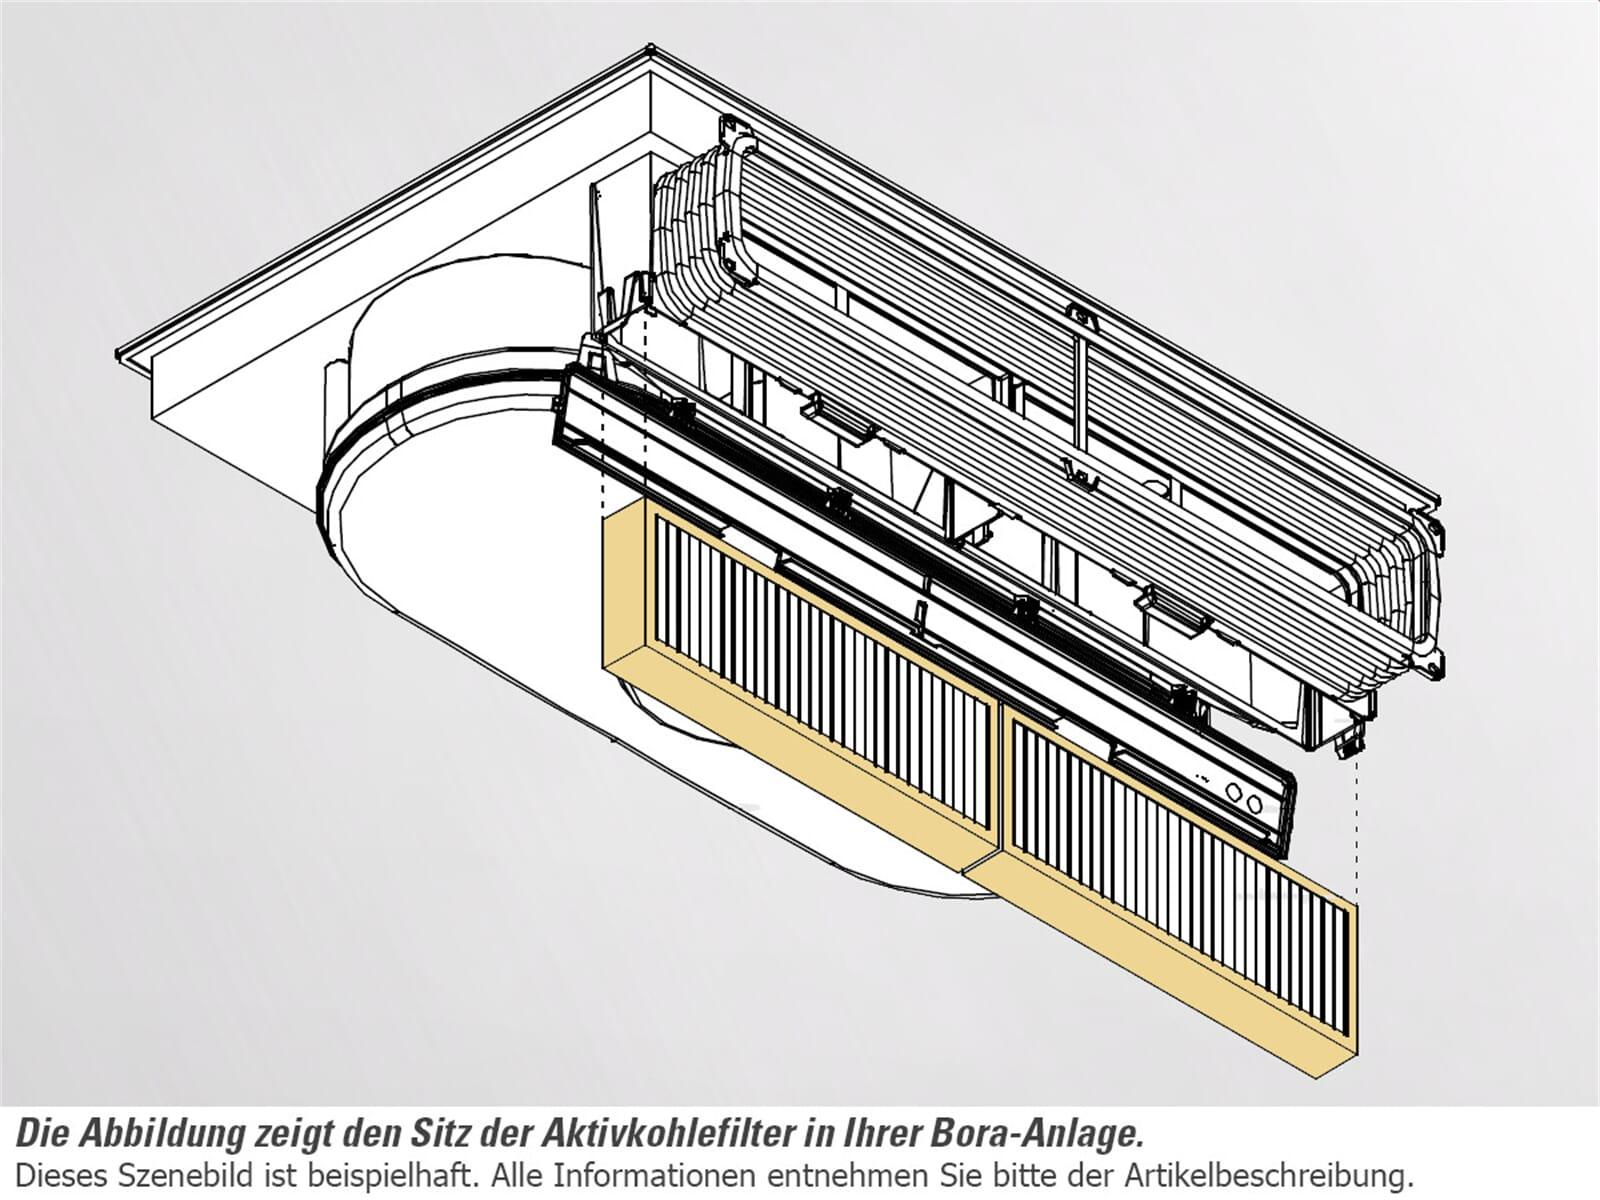 bora aktivkohlefilter set bakfs. Black Bedroom Furniture Sets. Home Design Ideas